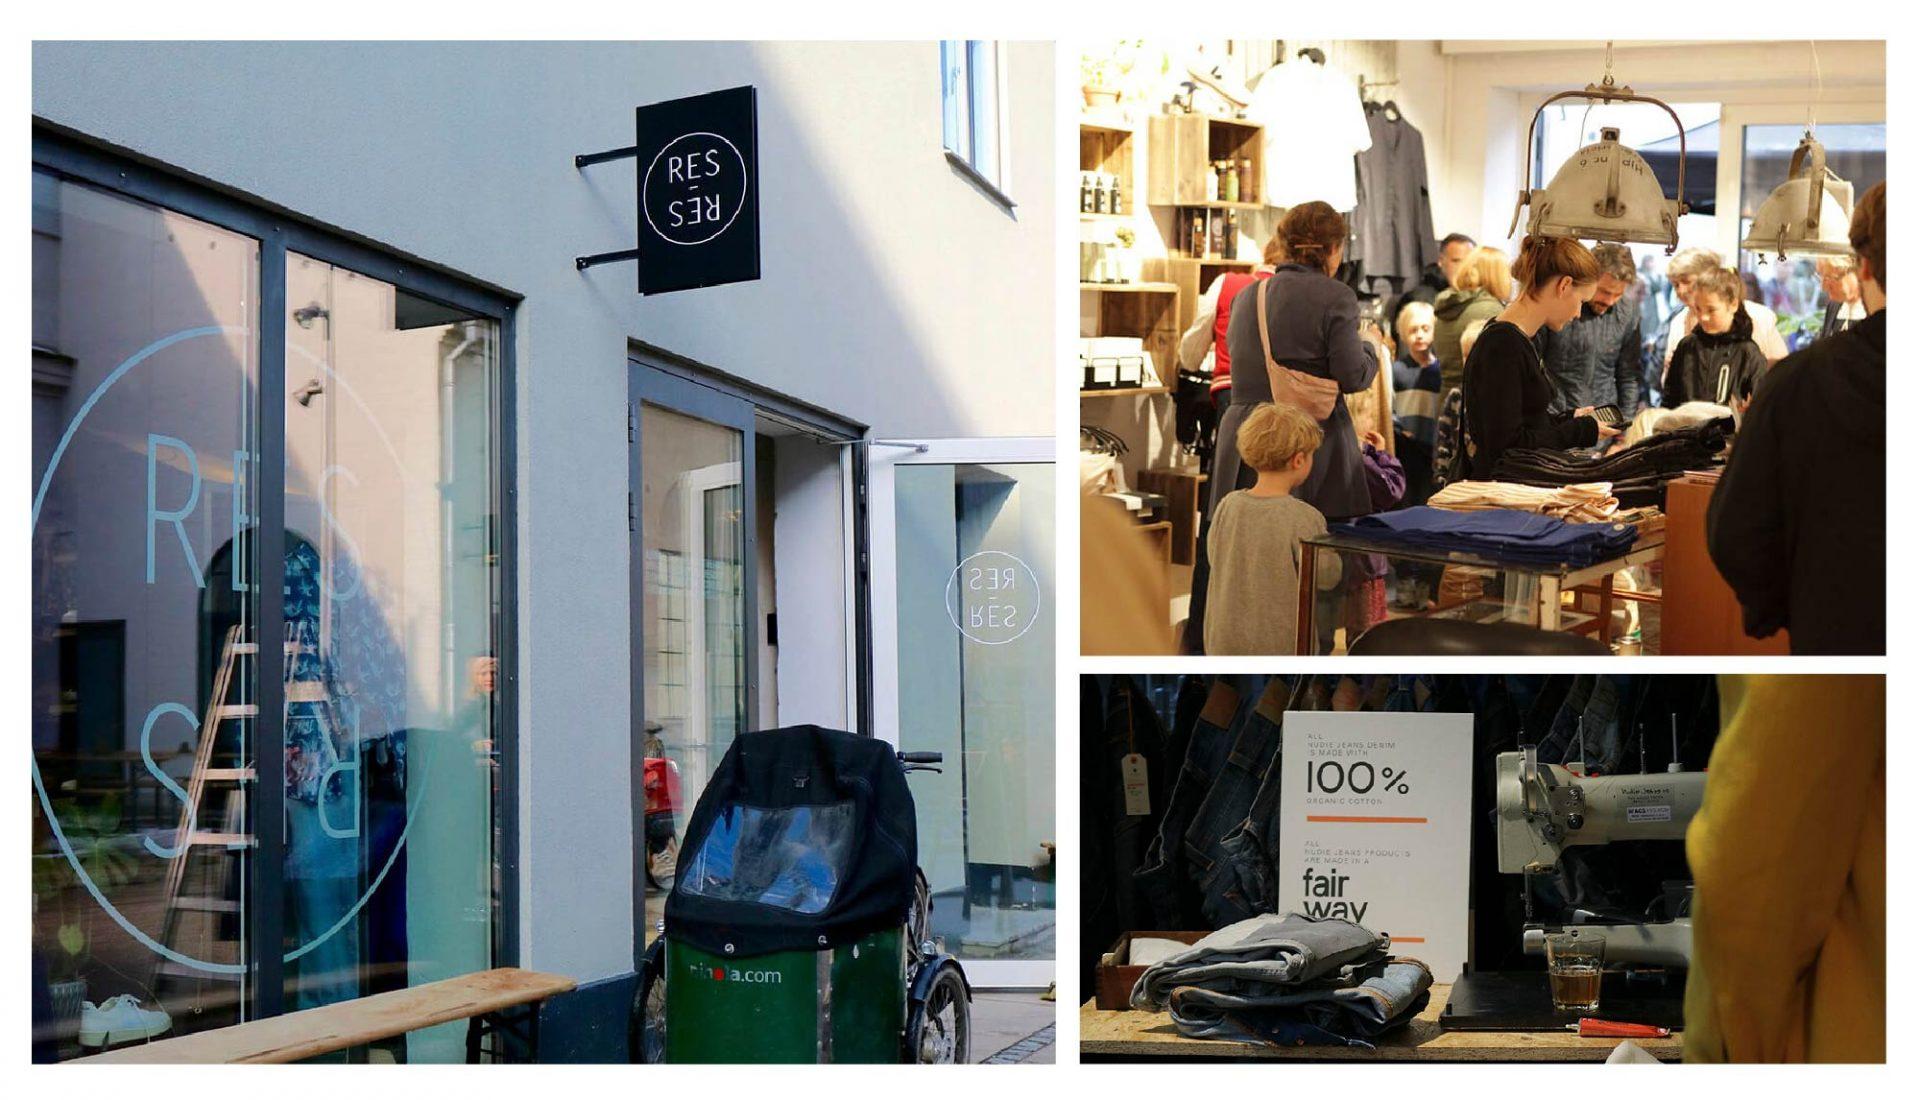 這些人教會我的事 vol.1:丹麥時尚選品概念店 Res Res